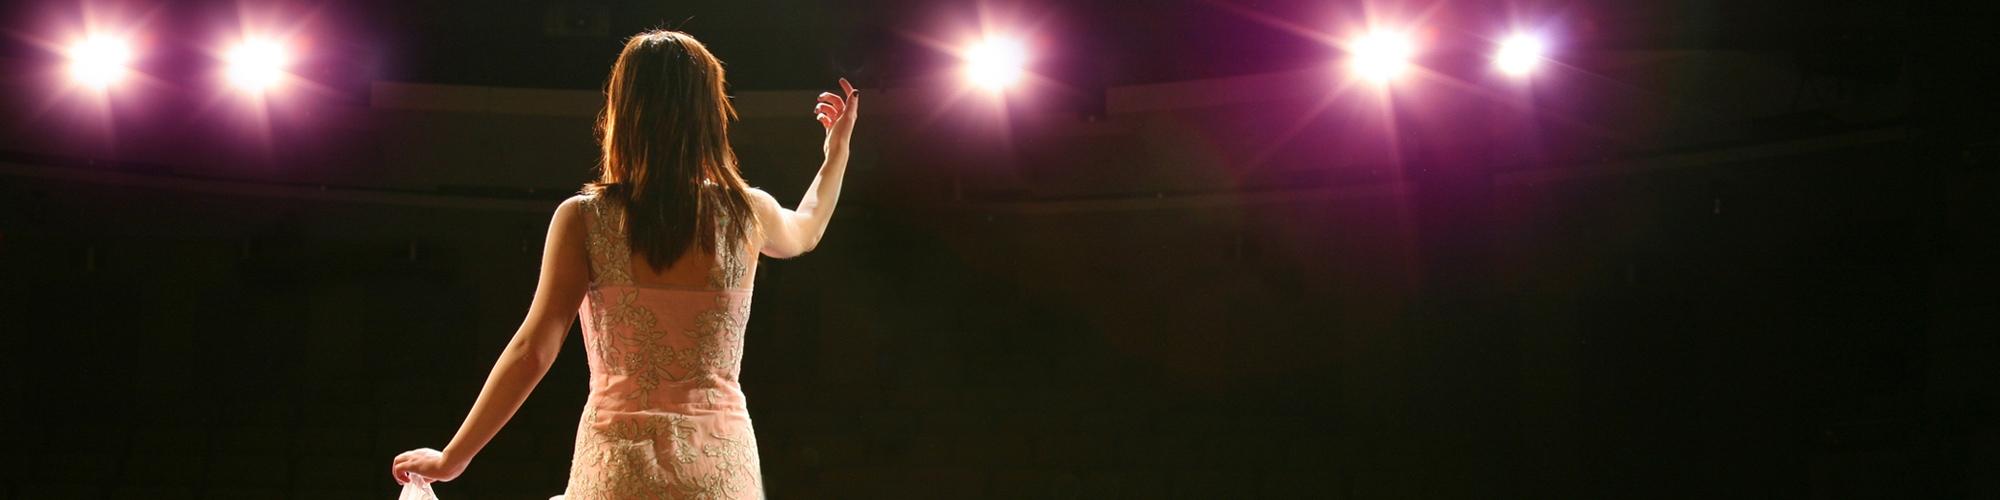 mujer sobre el escenario con luces arriba